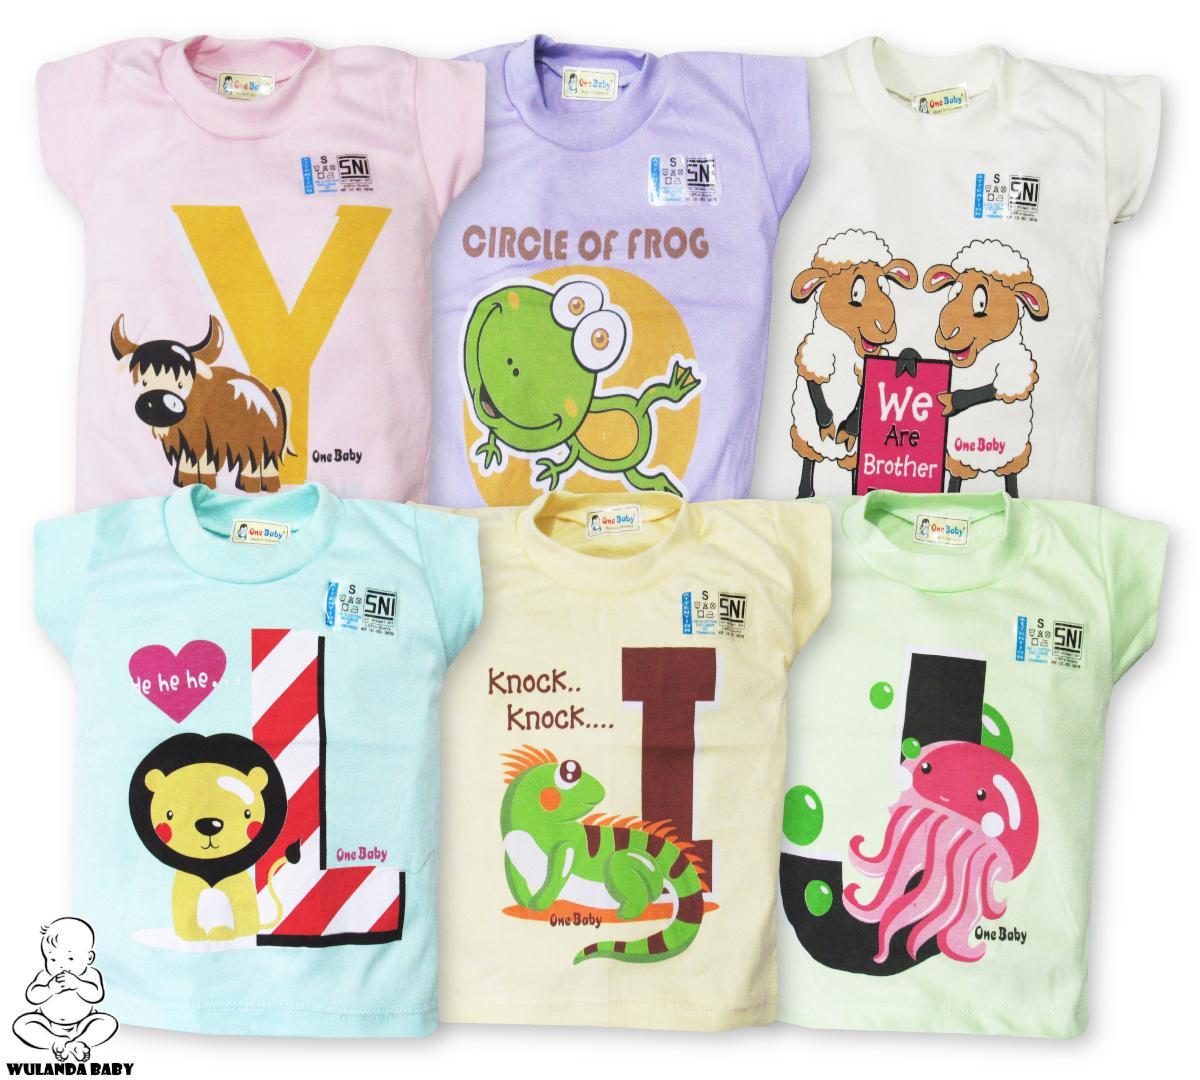 Wulanda 6 Pcs Baju Kaus Oblong Anak Bayi Laki Laki Dan Perempuan Warna Dan Motif Yang Berbeda One Baby By Wulanda Baby.